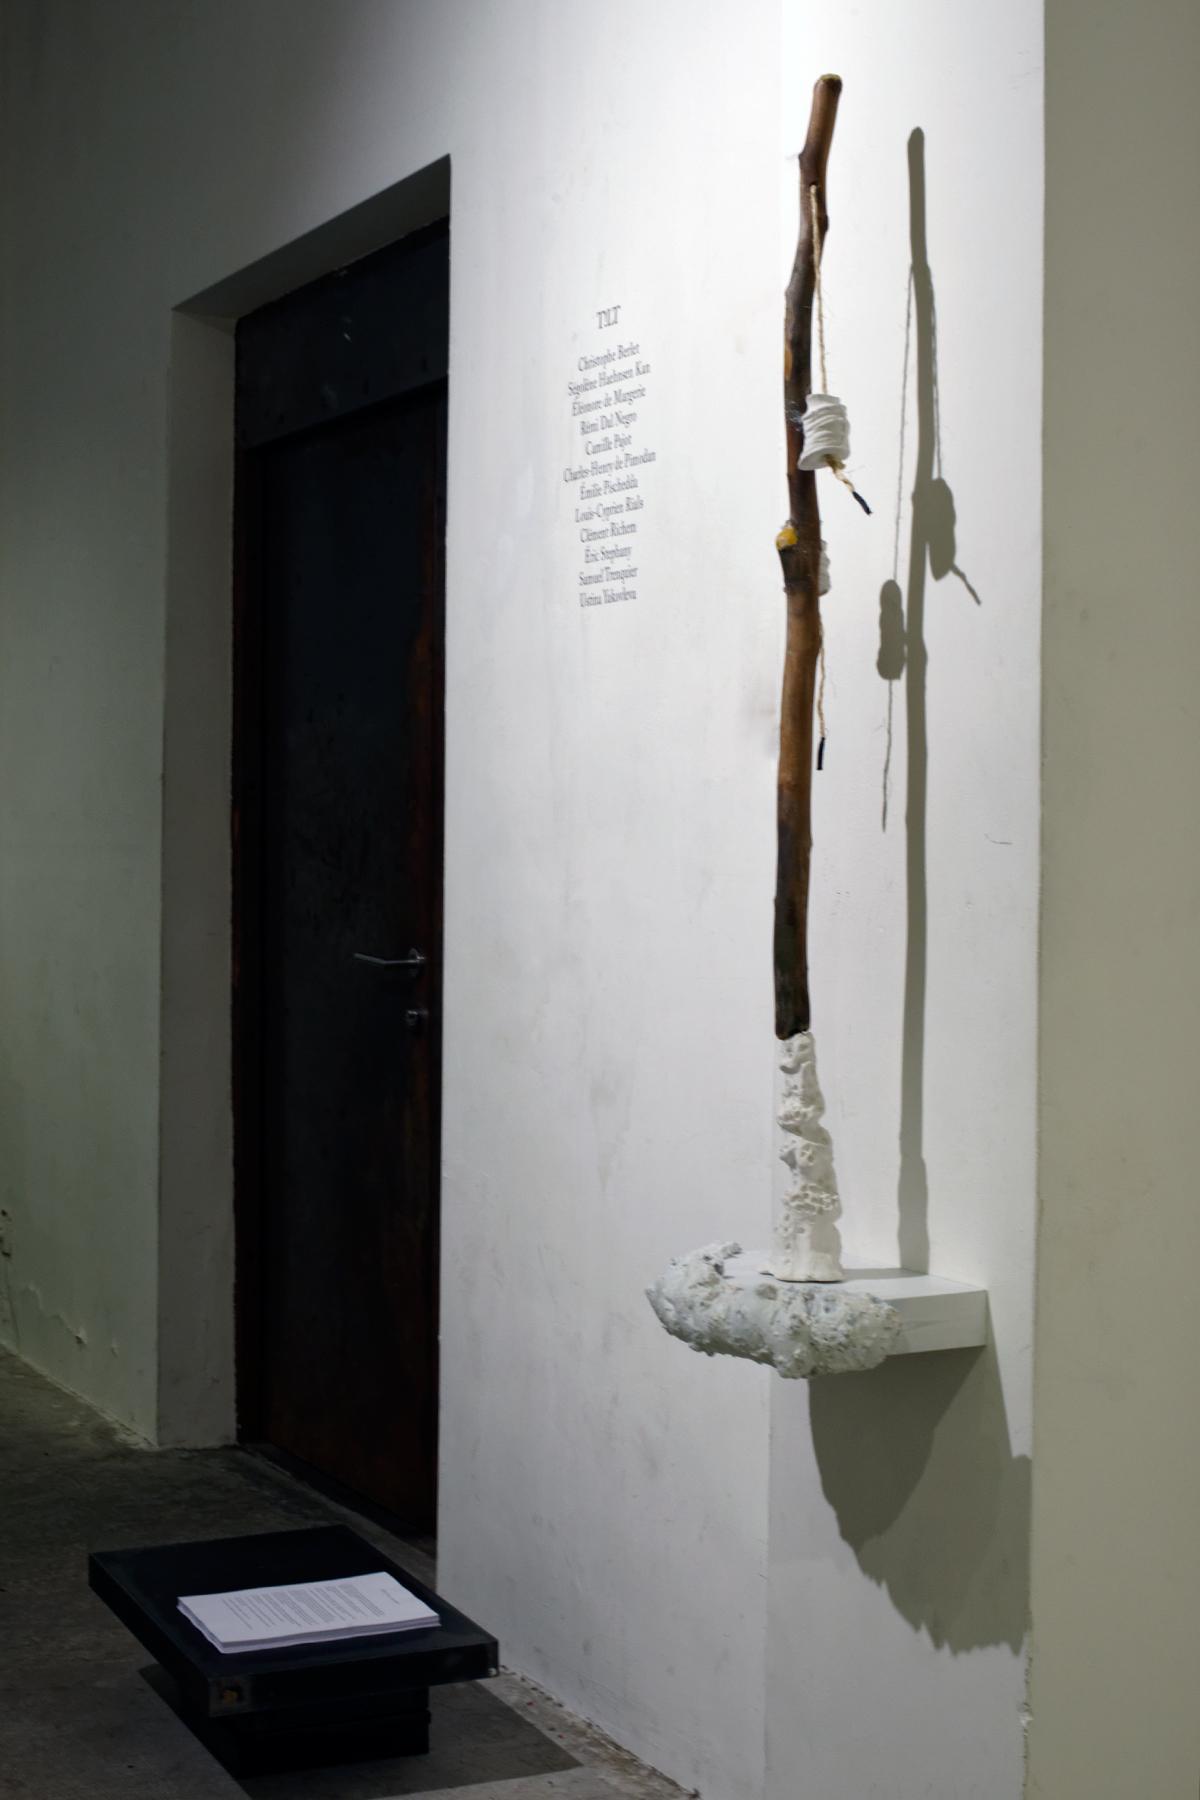 """Emilie Pischedda - de la série de sculptures """"Le Maître et les deux surveillants"""" - Plâtre, bois, cire d'abeille, corde, métal, mousse expansive peinture - dimension variables"""